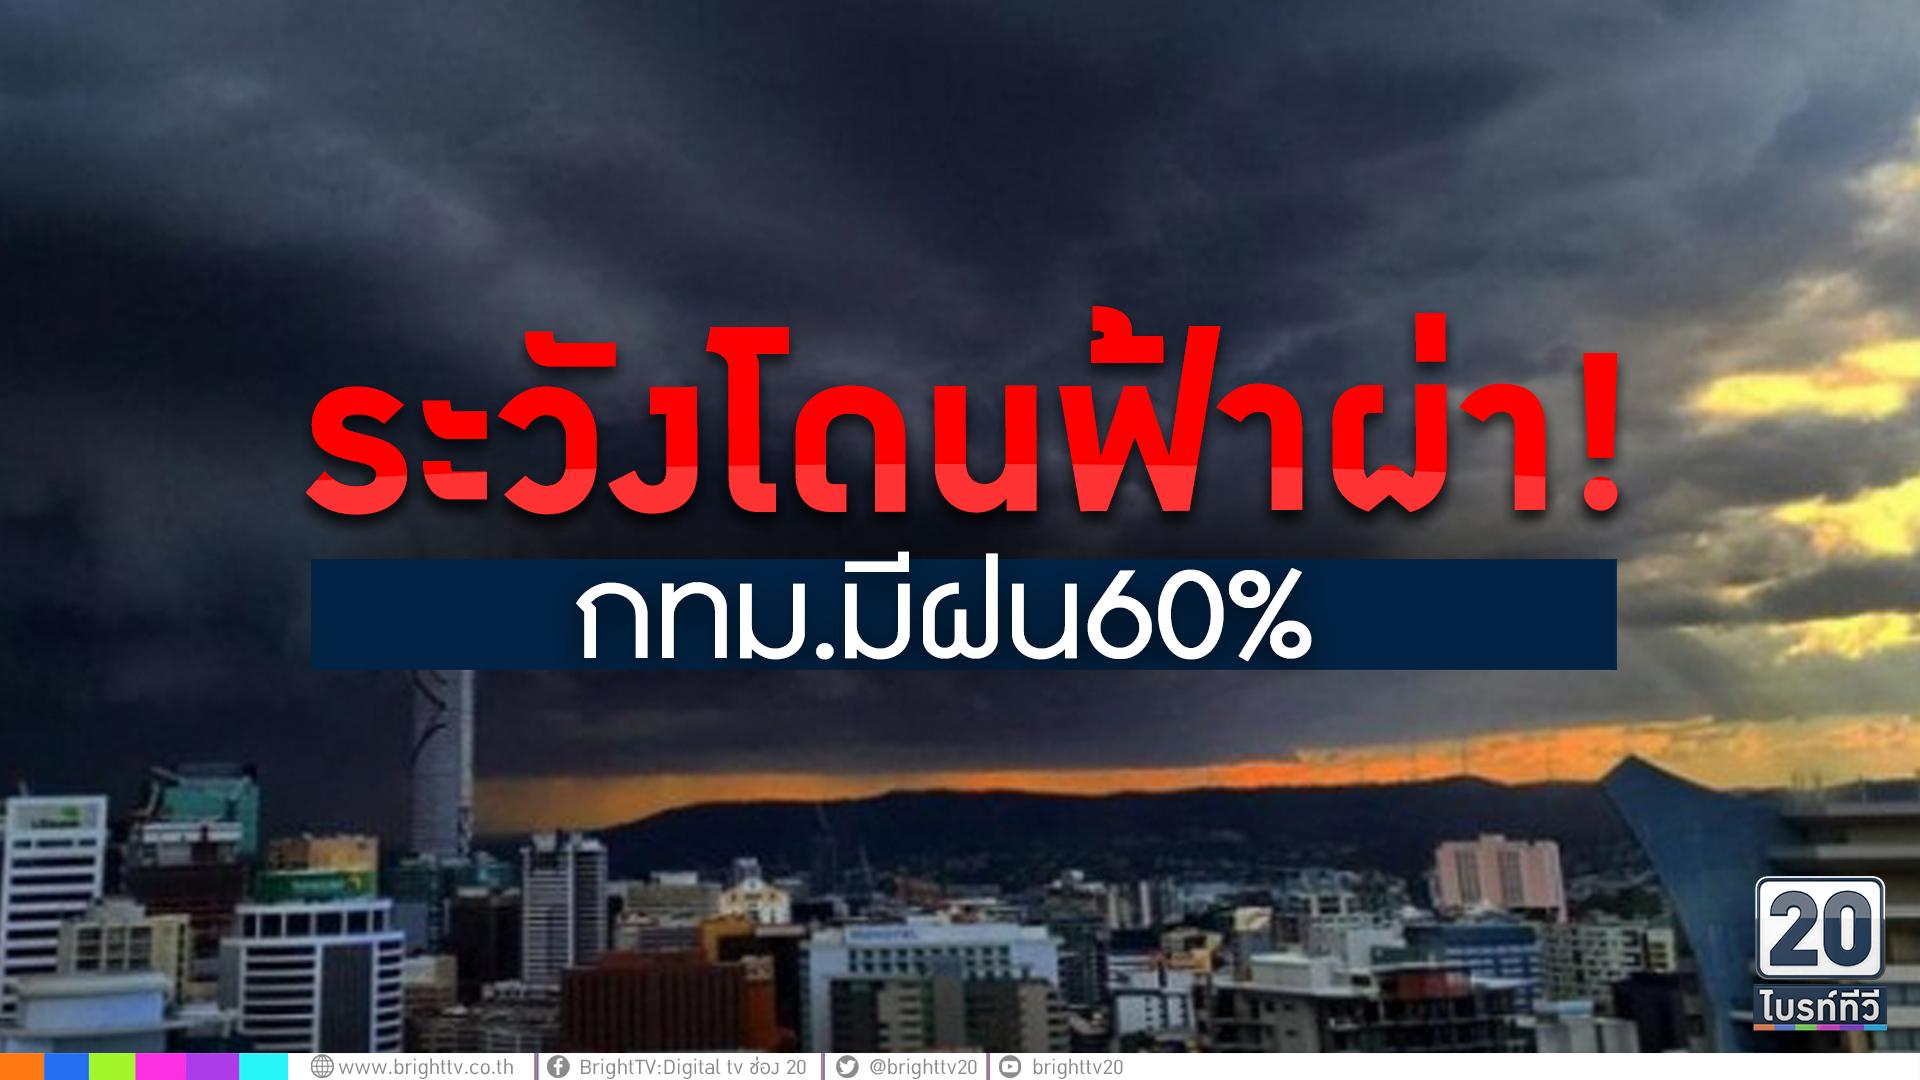 กทม.มีฝน60% ระวังฟ้าผ่า